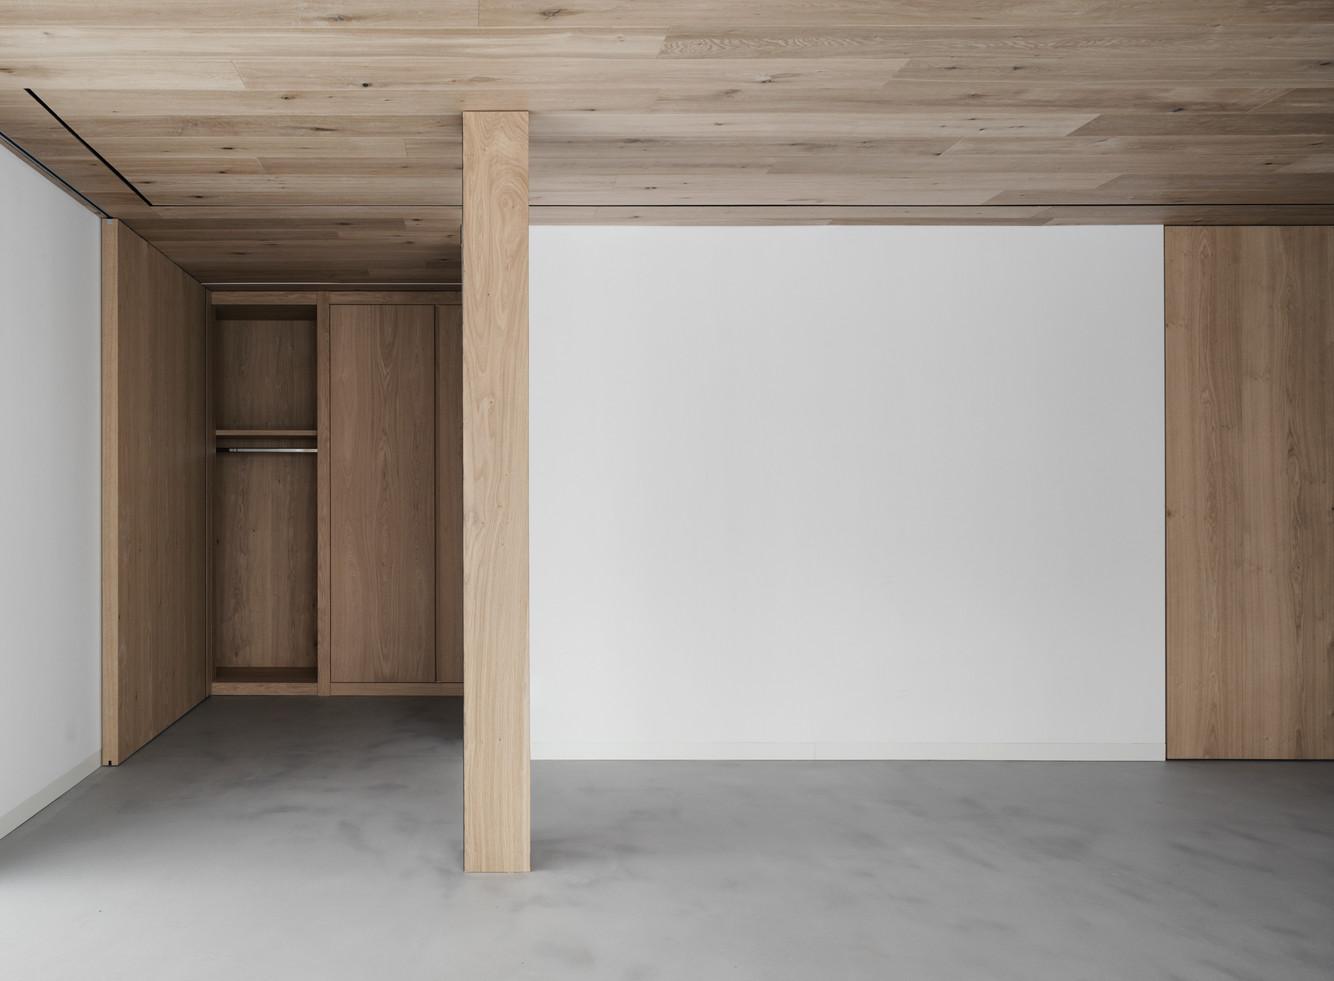 Il calore del legno frena il rigore delle forme